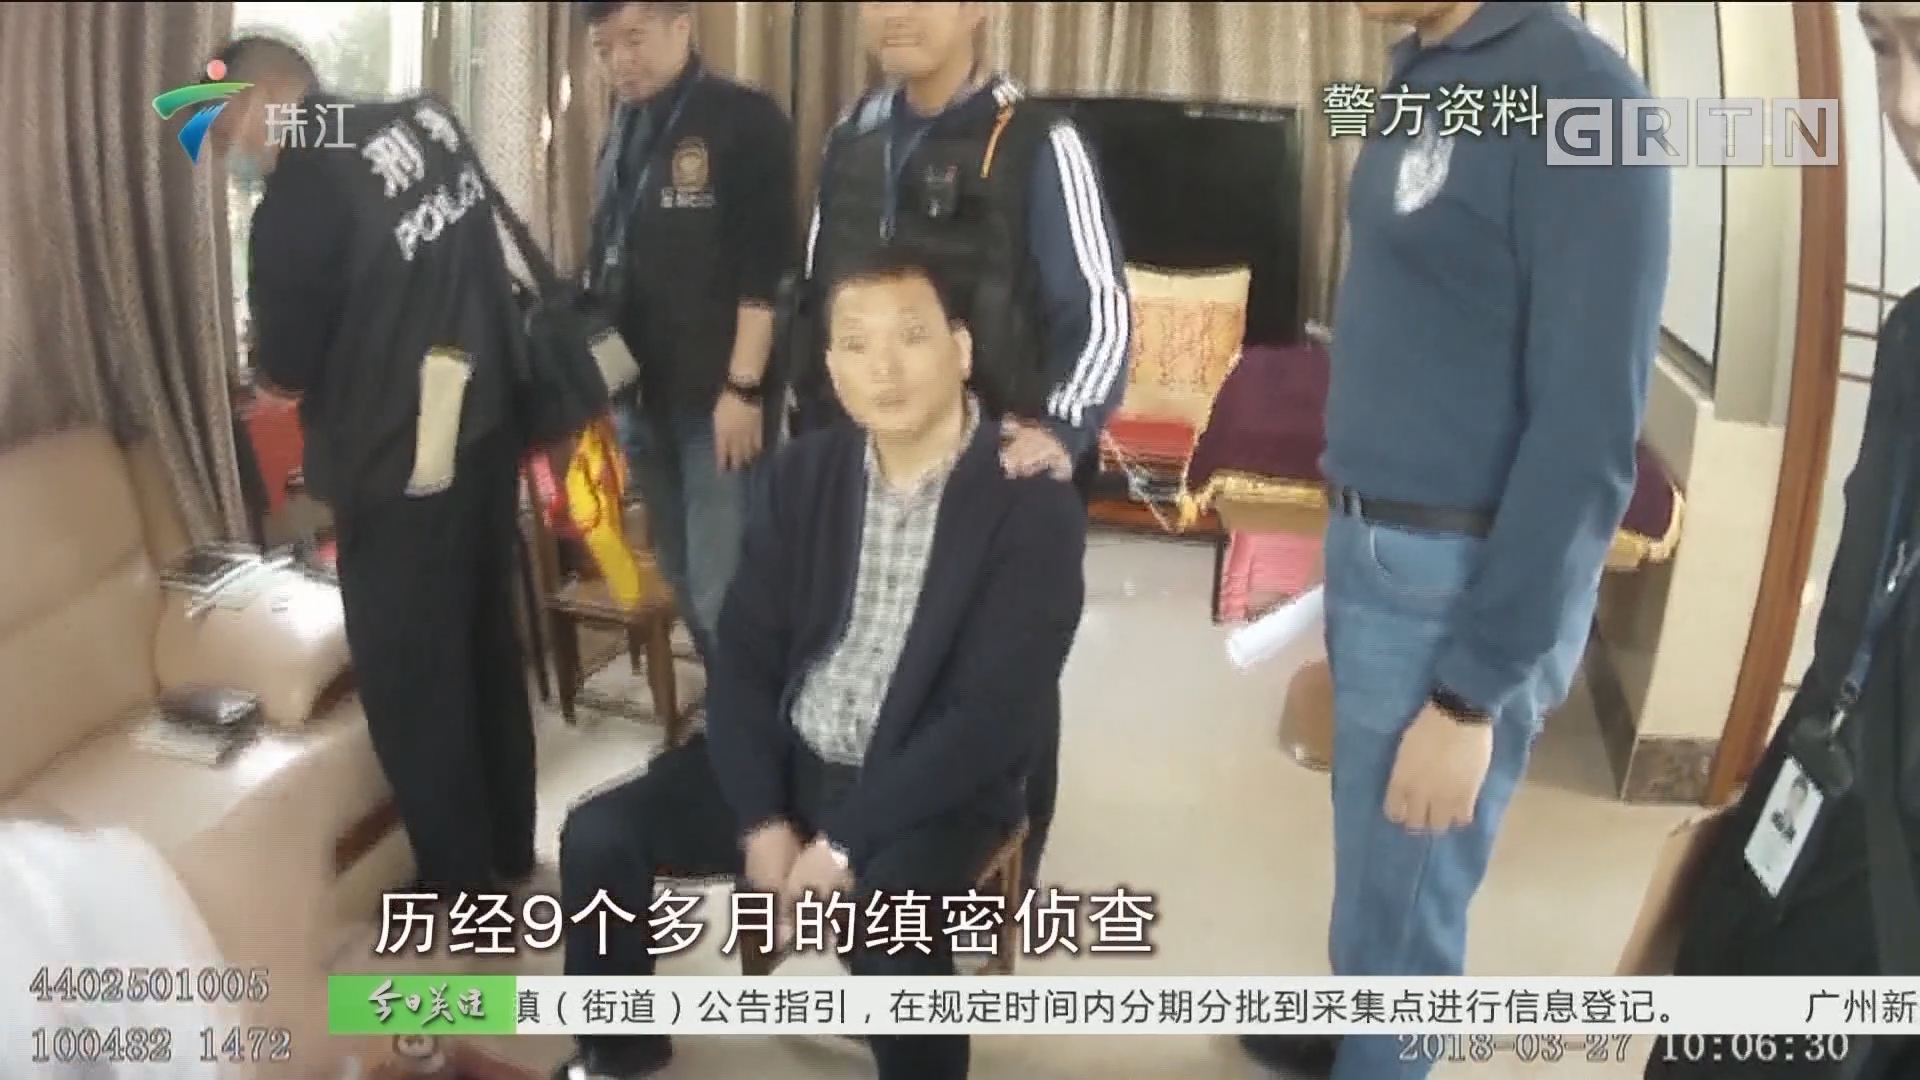 韶关:警方抓获涉黑犯罪团伙 18人落网